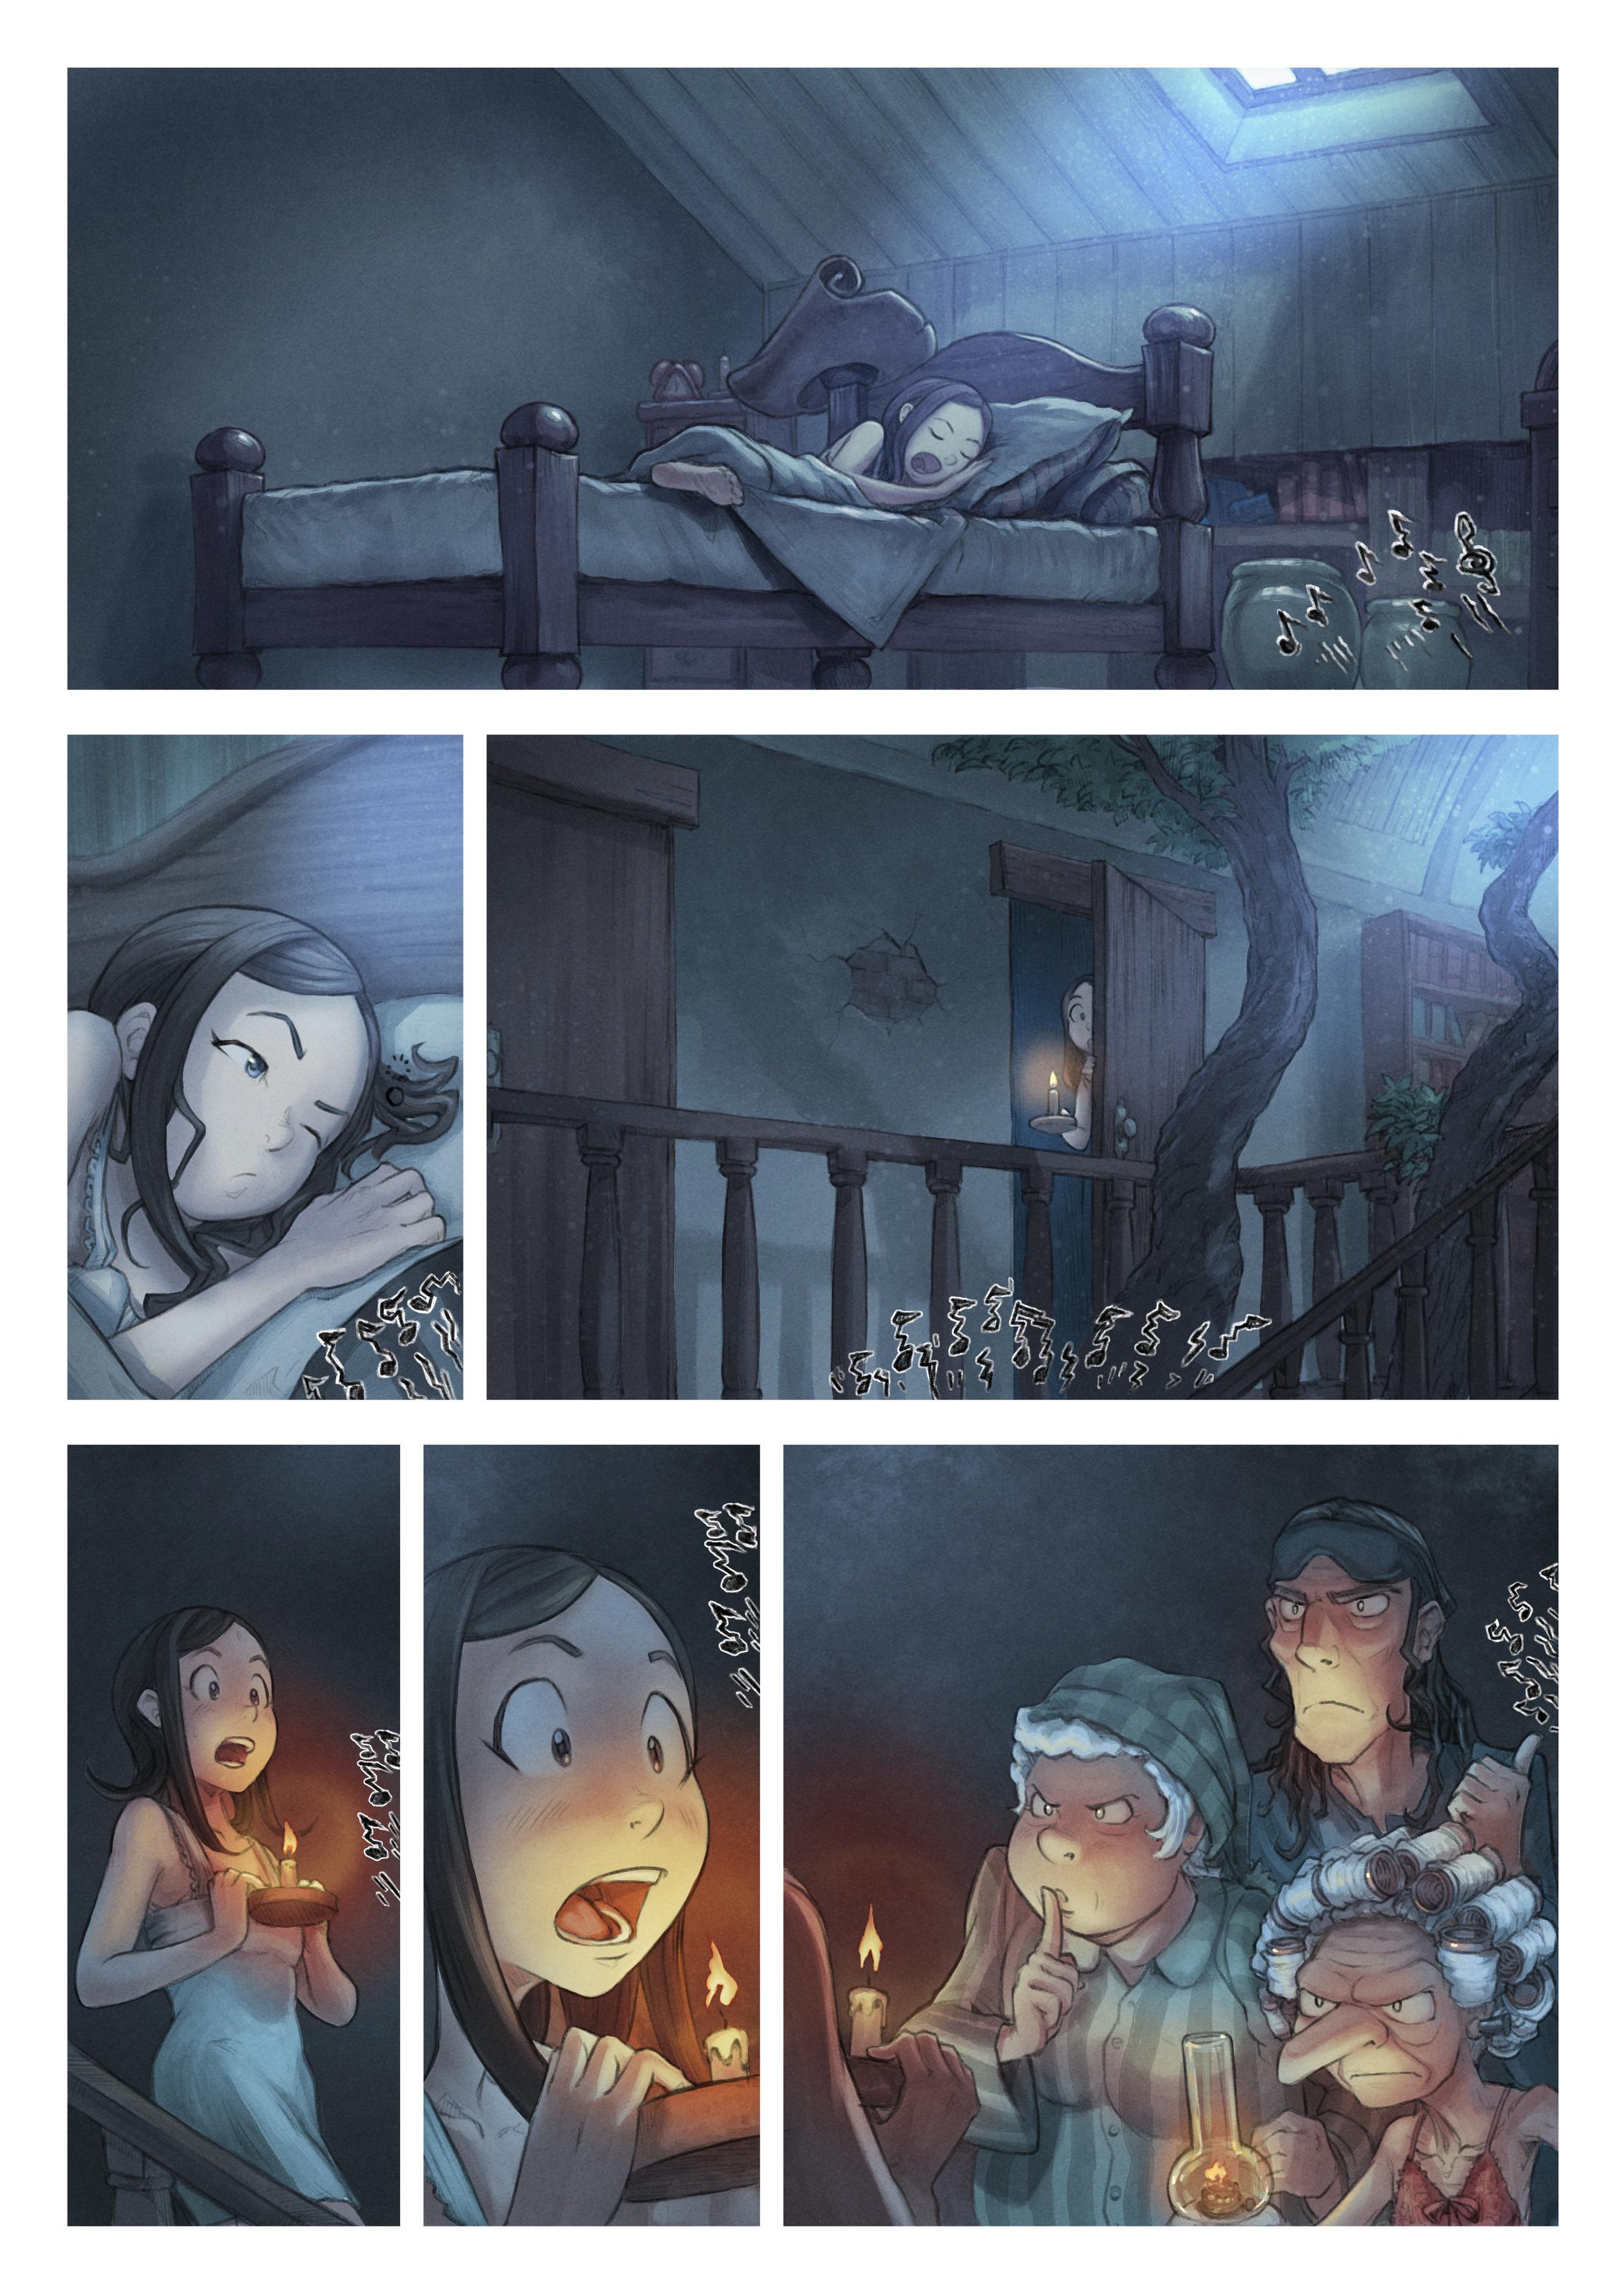 エピソード 30: 抱きしめてほしい, ページ 5